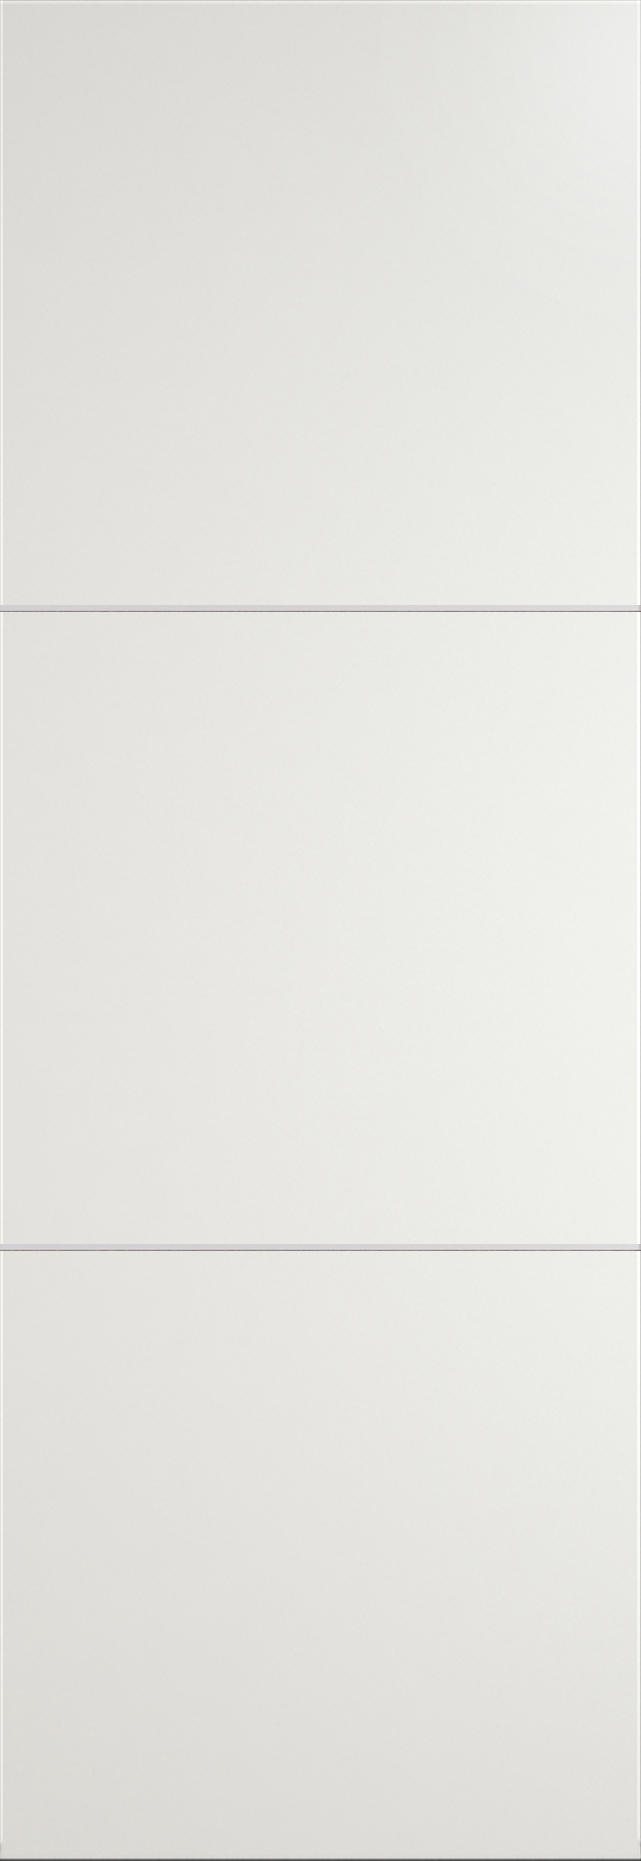 Tivoli В-3 Invisible цвет - Бежевая эмаль Без стекла (ДГ)